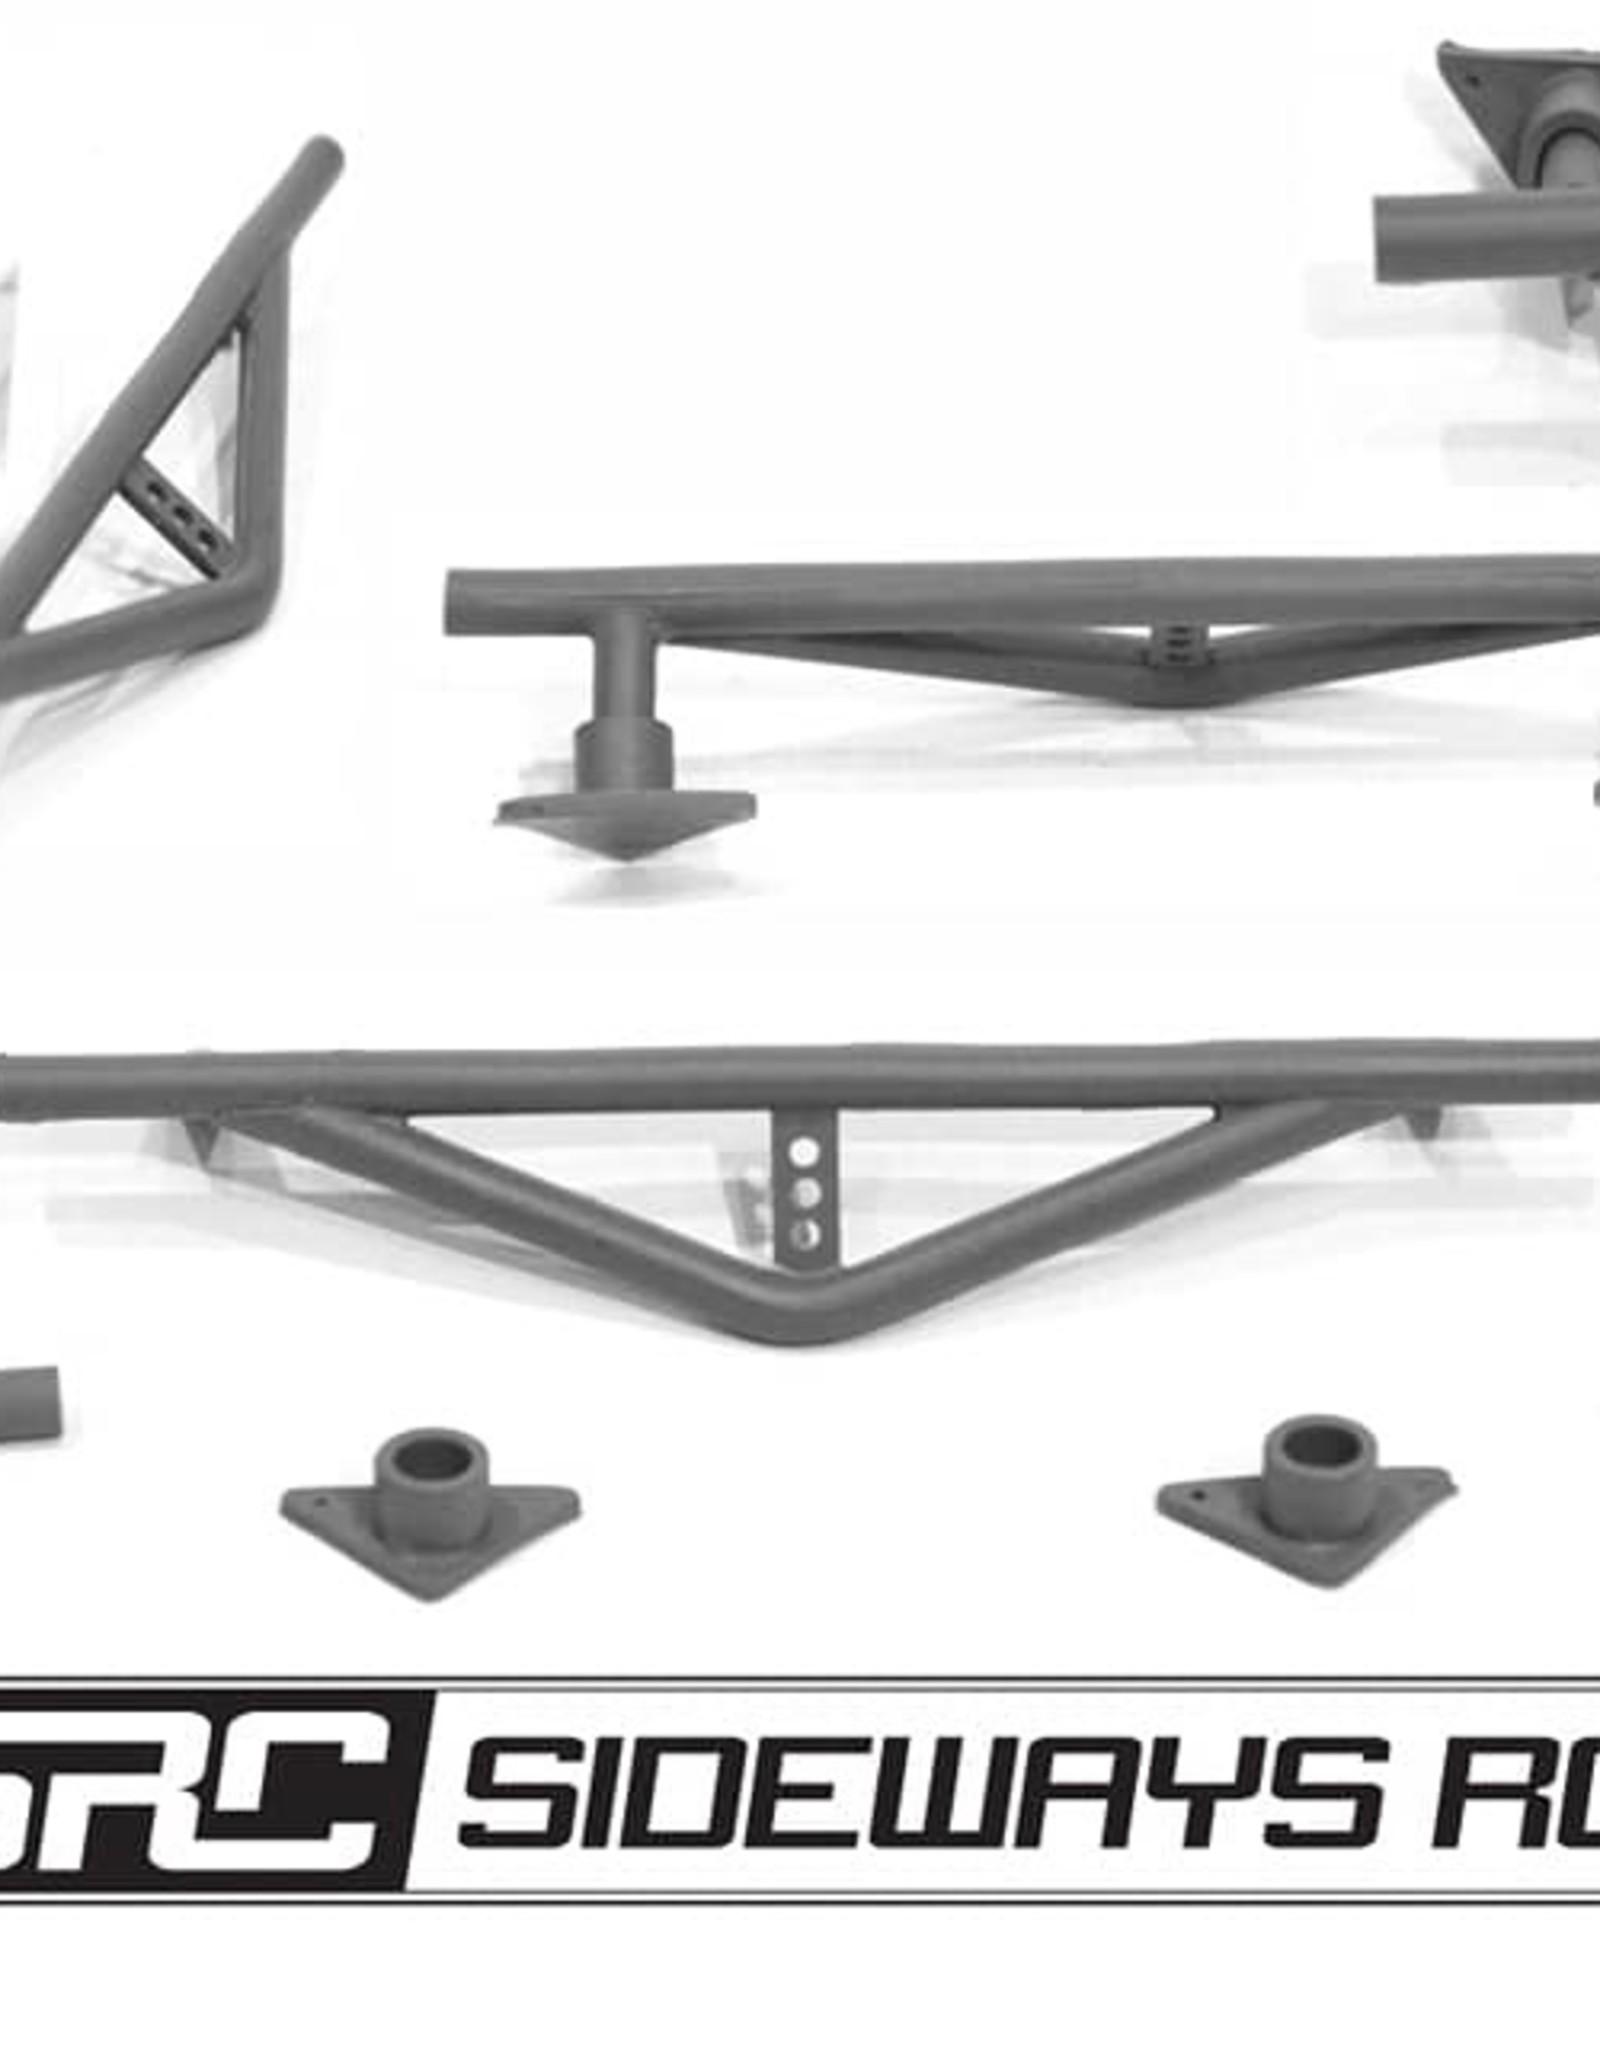 SRC SRCCSHBR Rear Crash Bar by SRC Grey